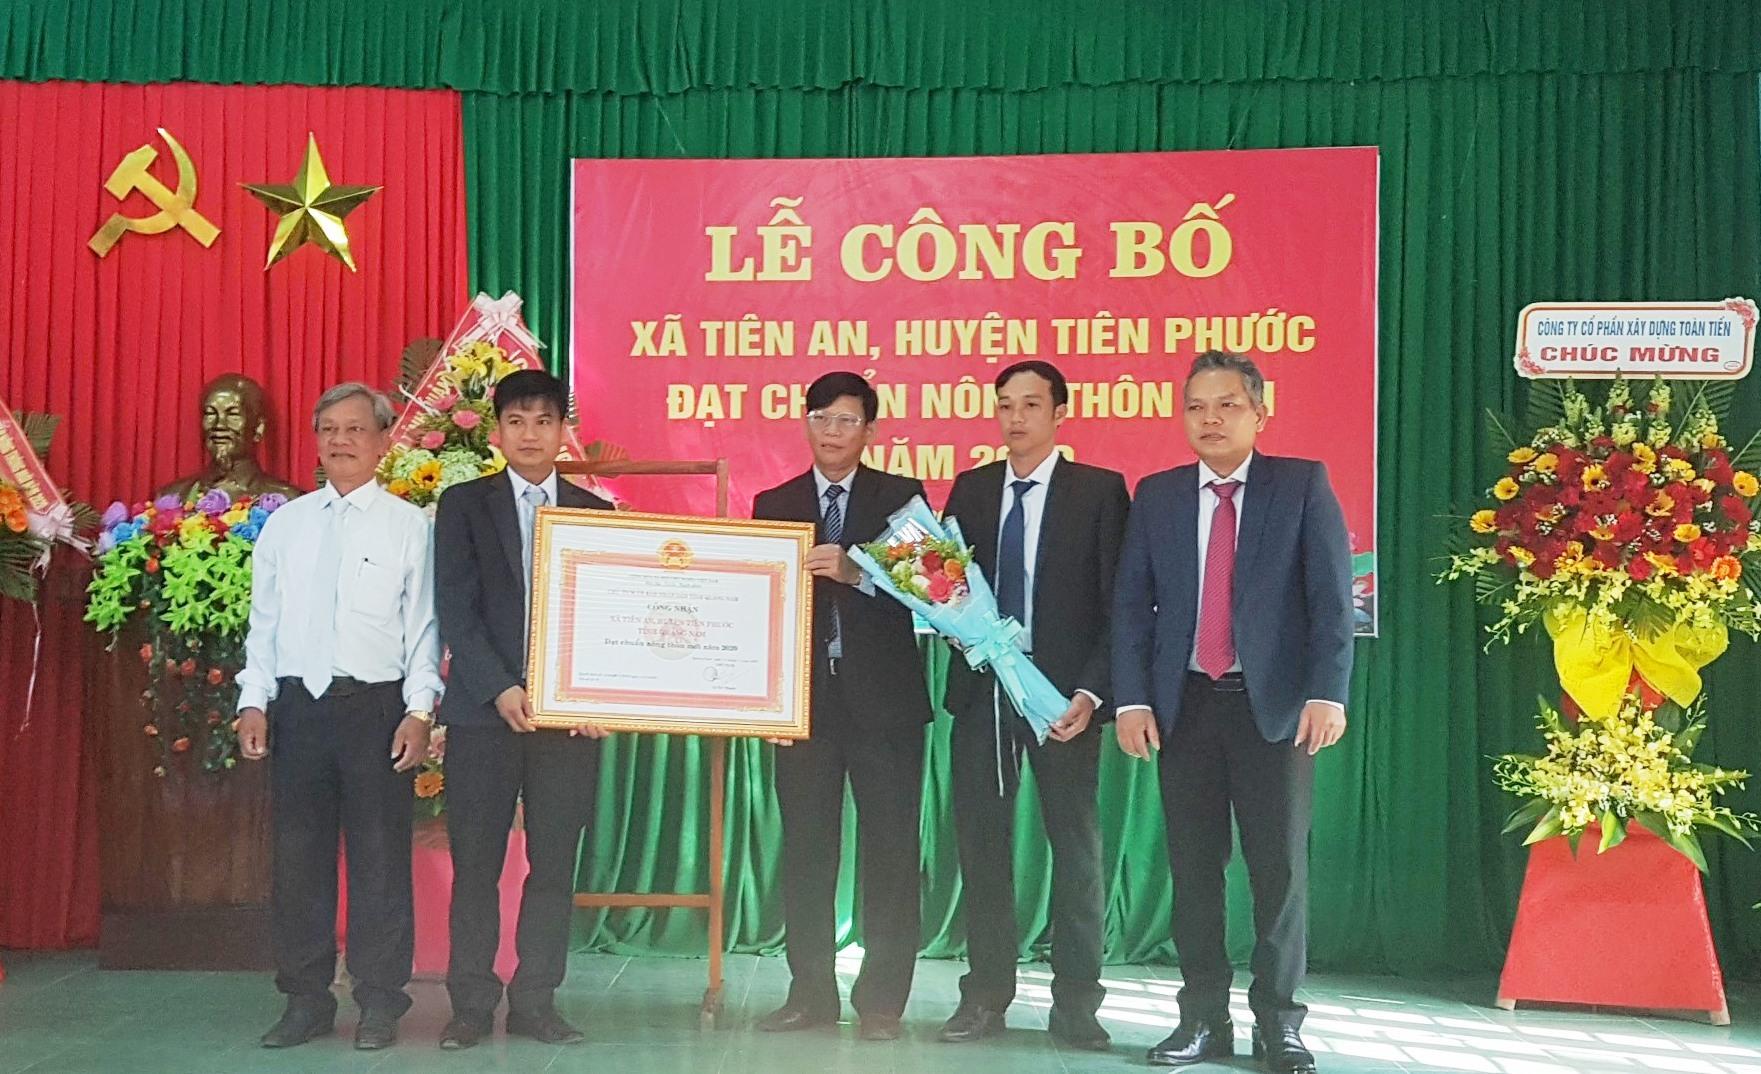 Đảng ủy, UBND xã Tiên An đón nhận Bằng công nhận xã đạt chuẩn nông thôn mới. Ảnh: D.L